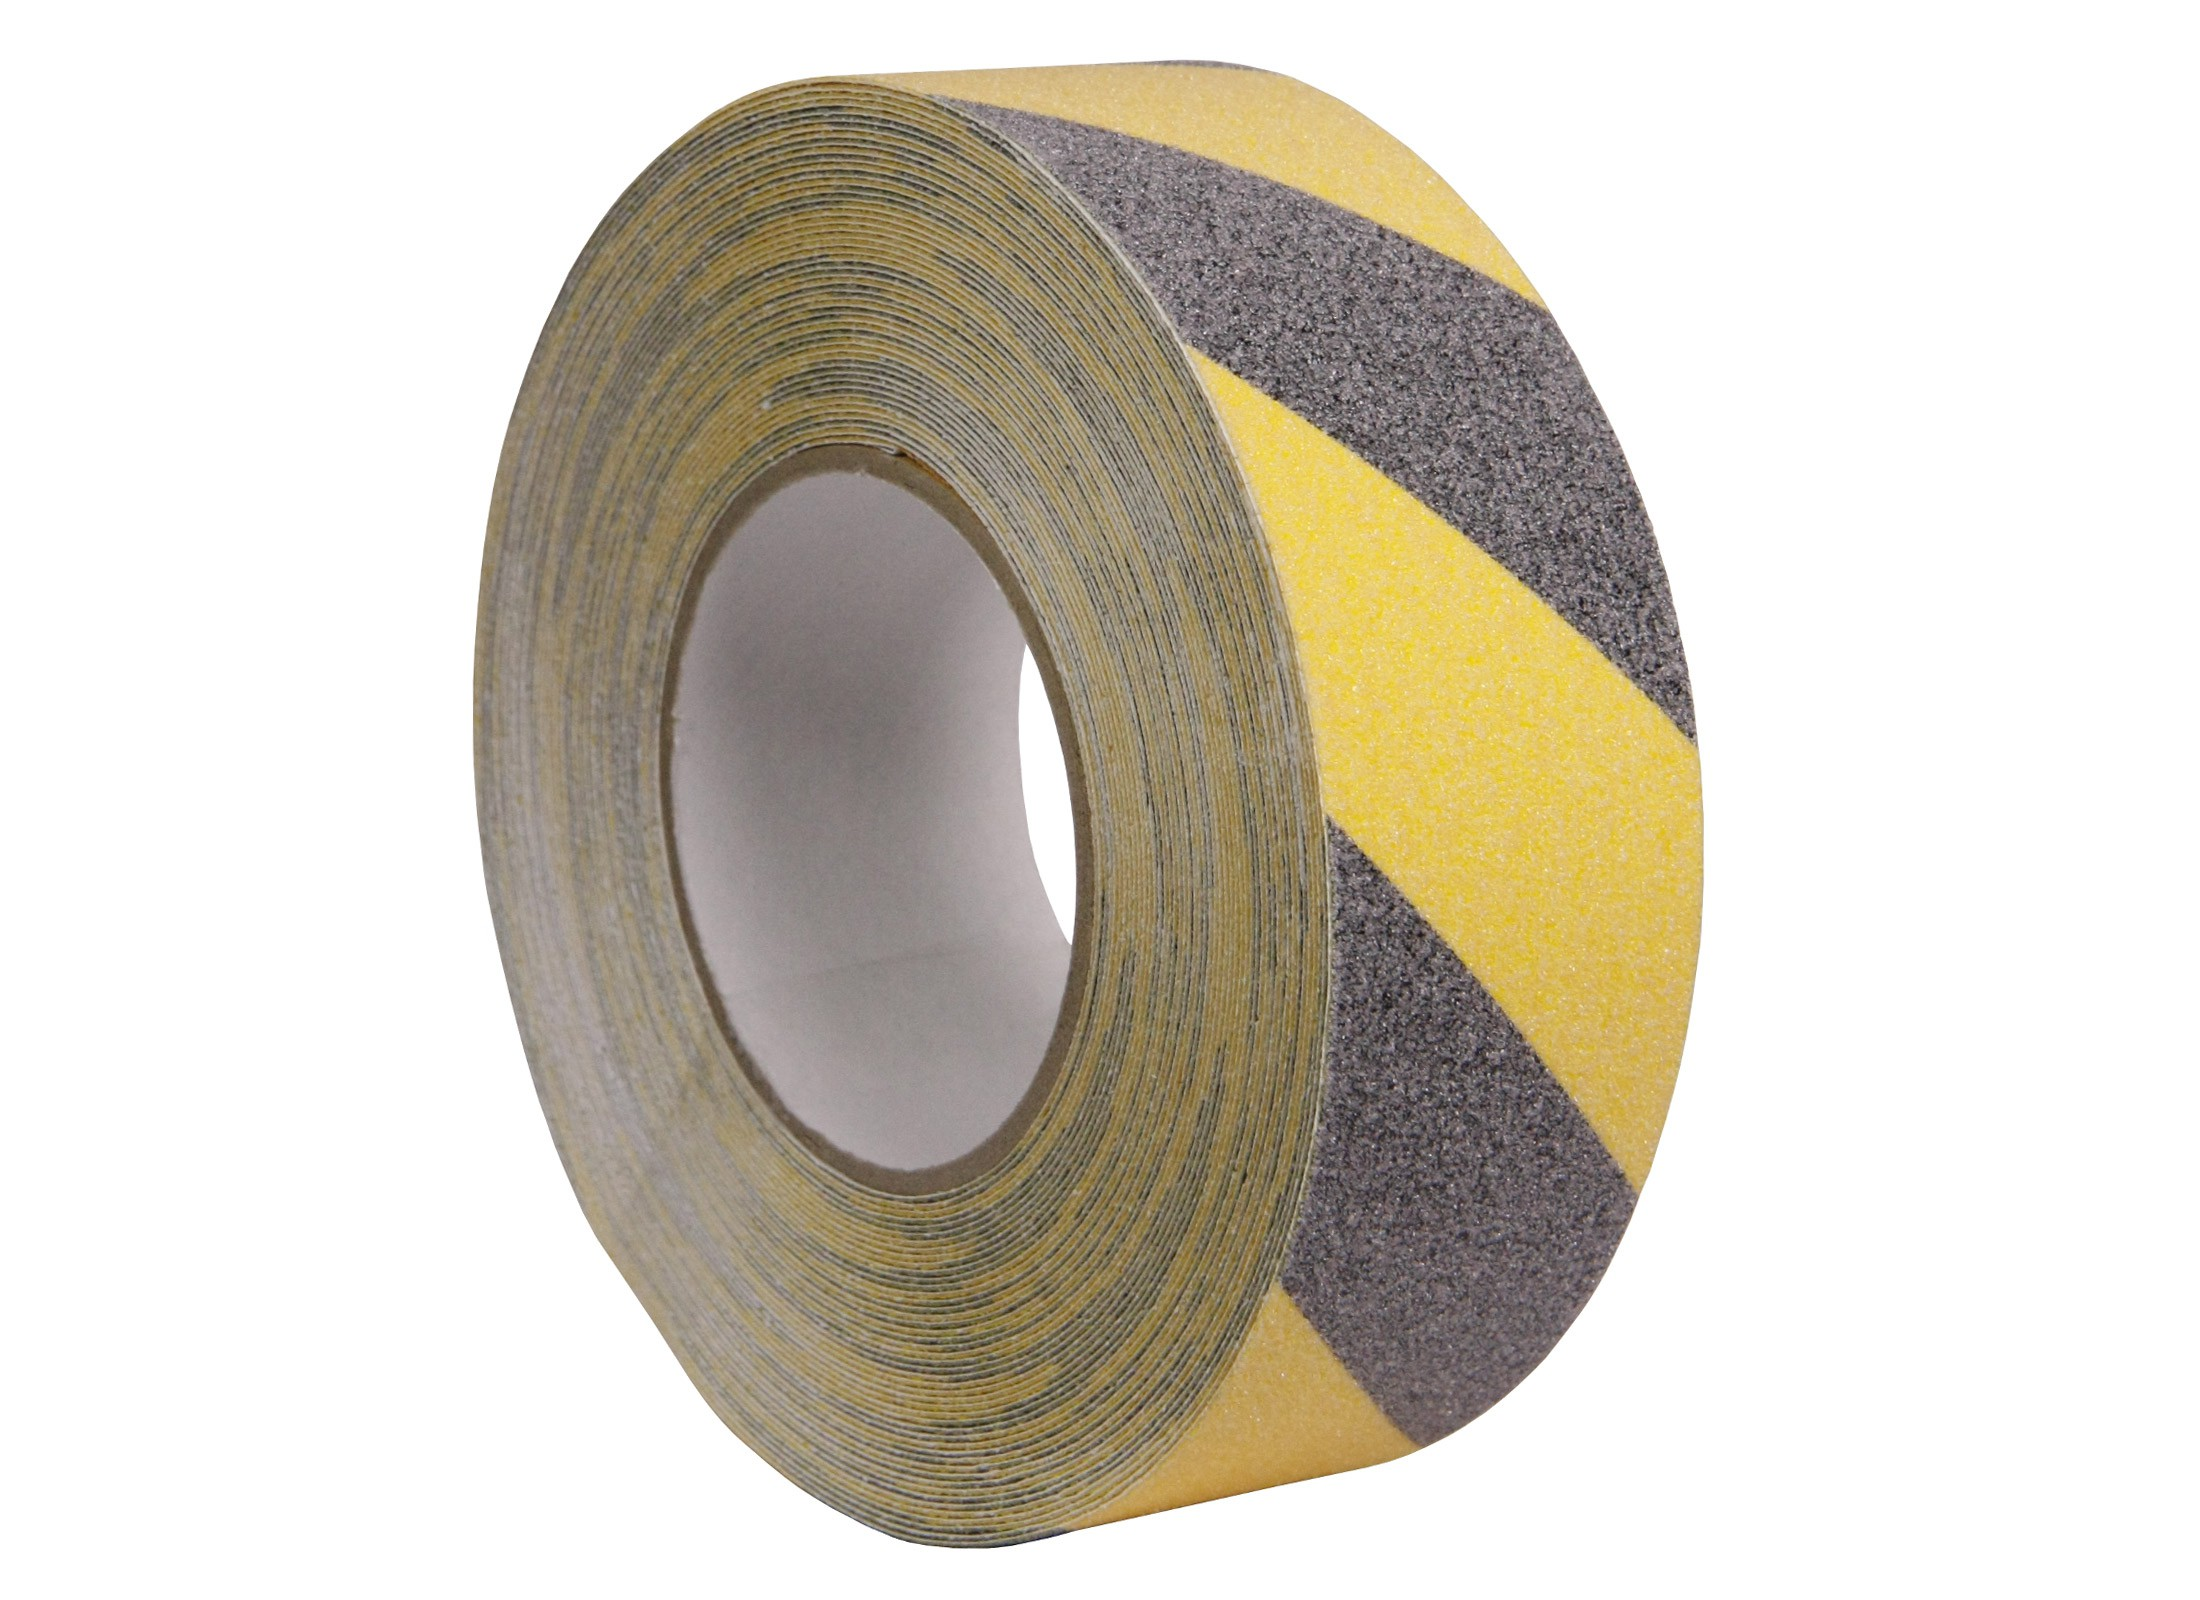 sweetpro ta stby 018 50 anti rutsch klebeband schwarz gelb g nstig online kaufen bei huss licht. Black Bedroom Furniture Sets. Home Design Ideas